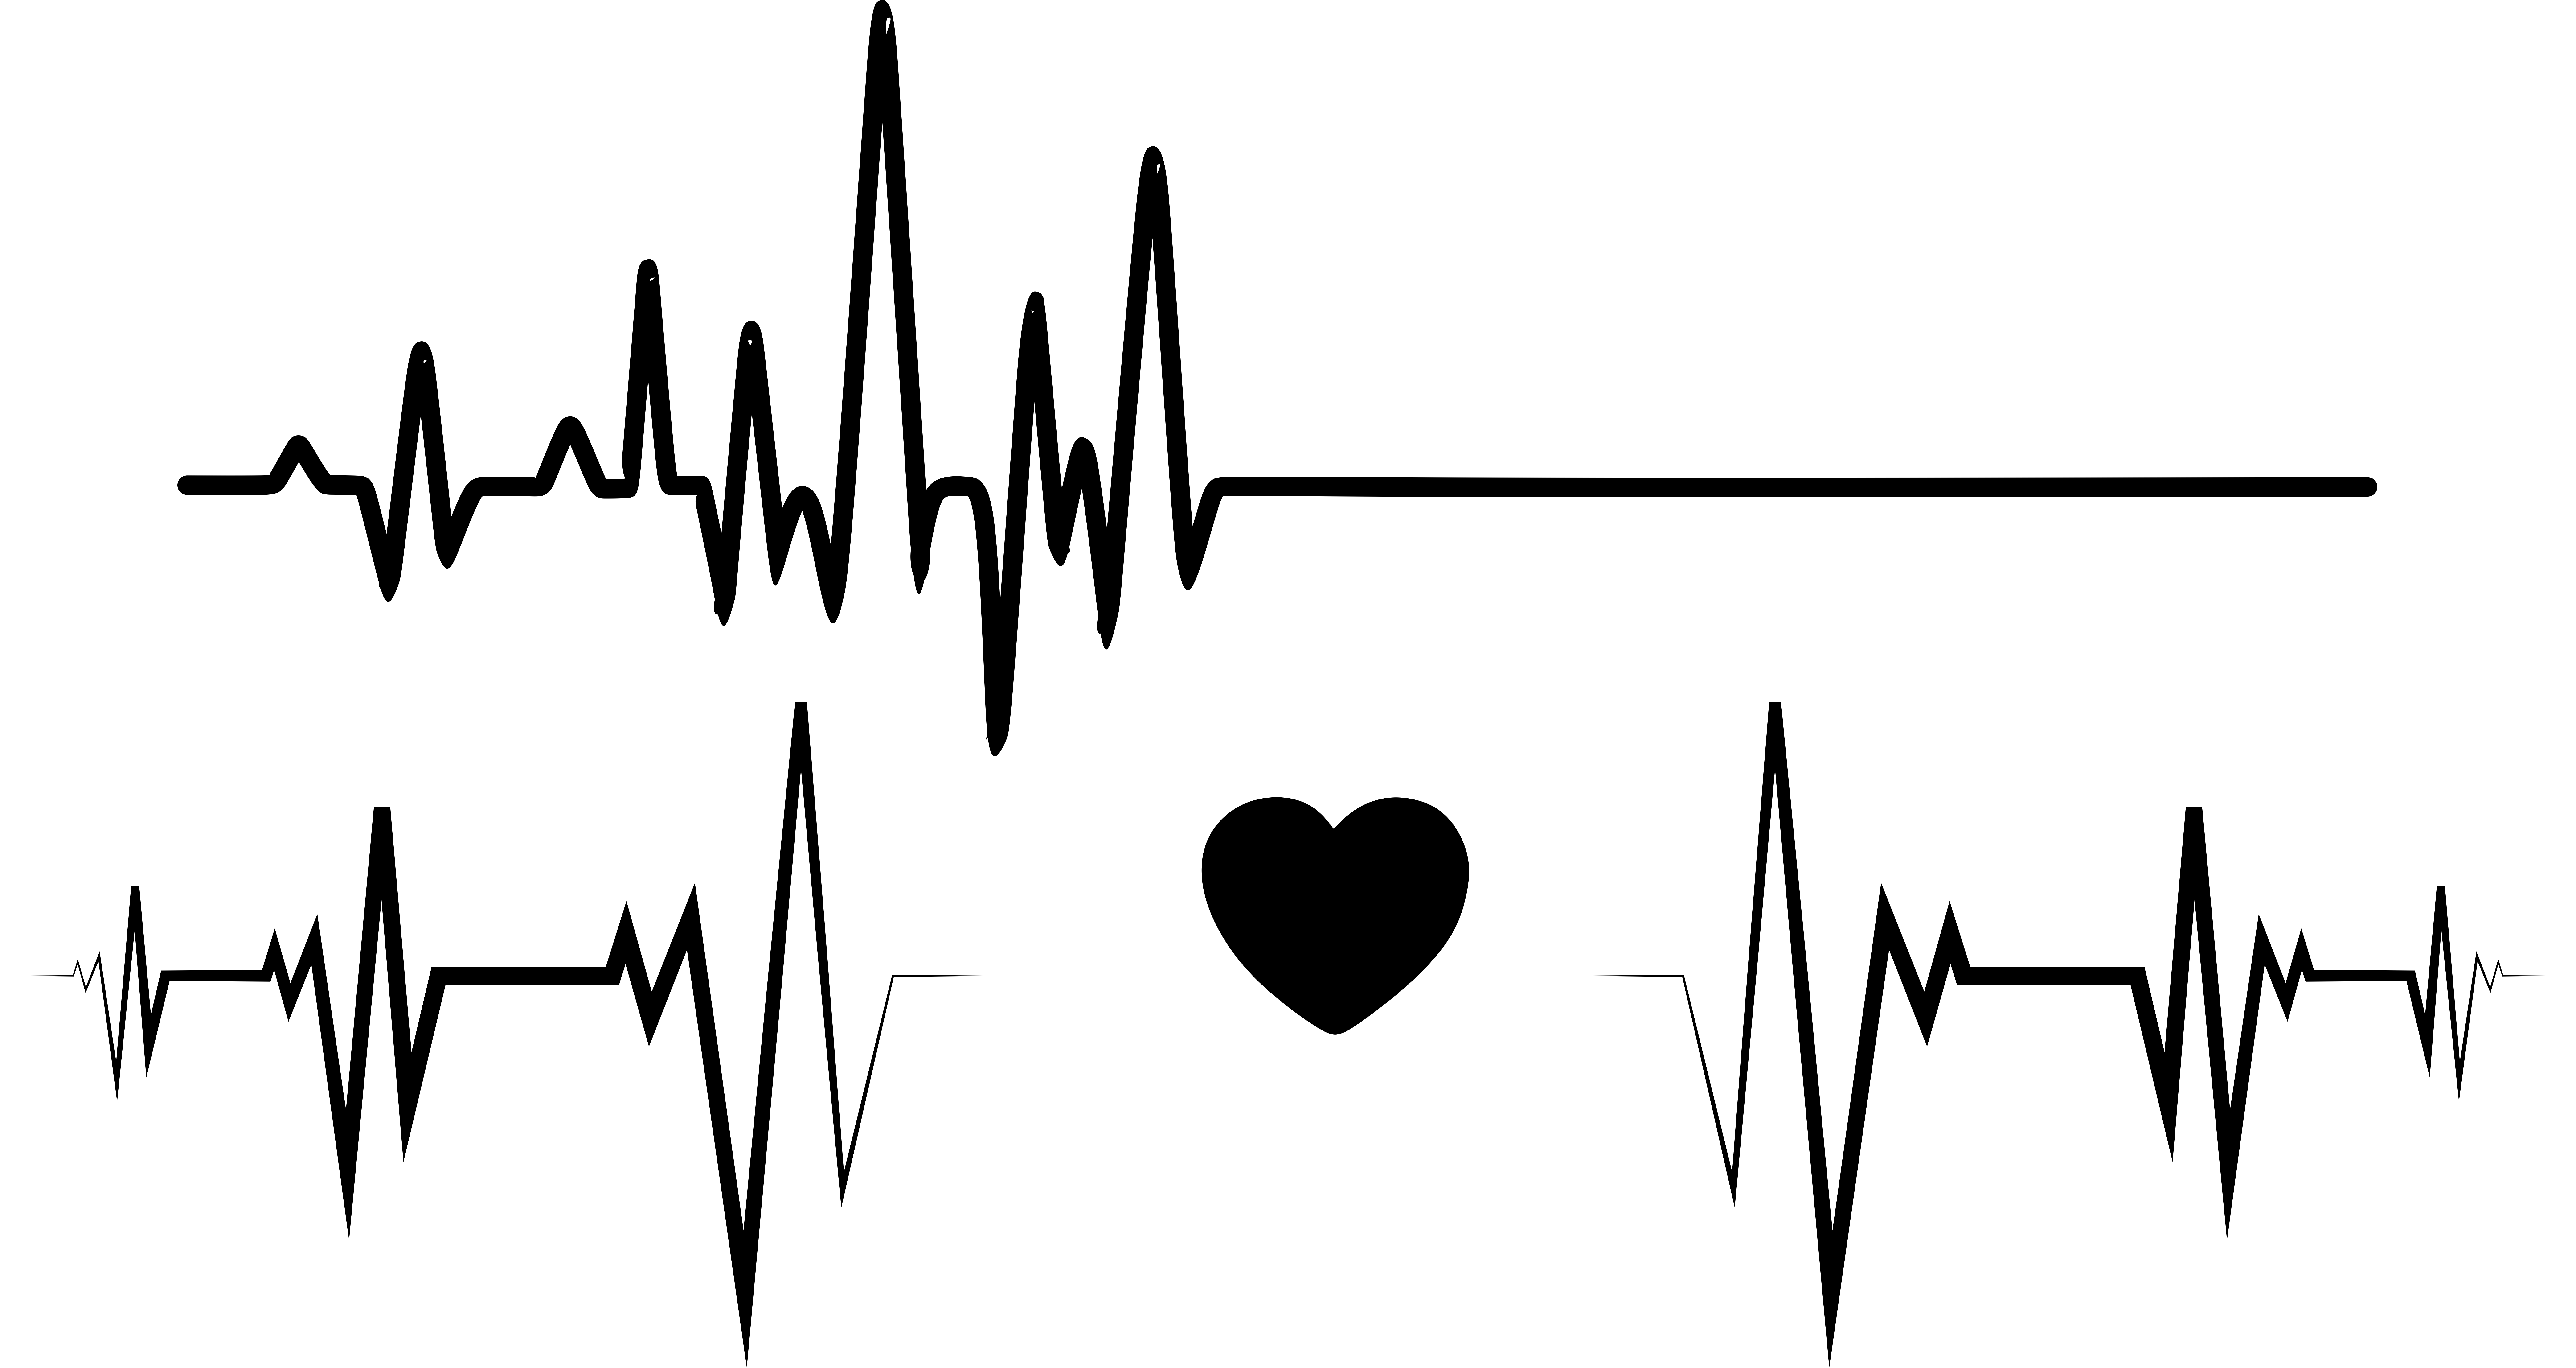 نوار قلب وکتور ضربان قلب